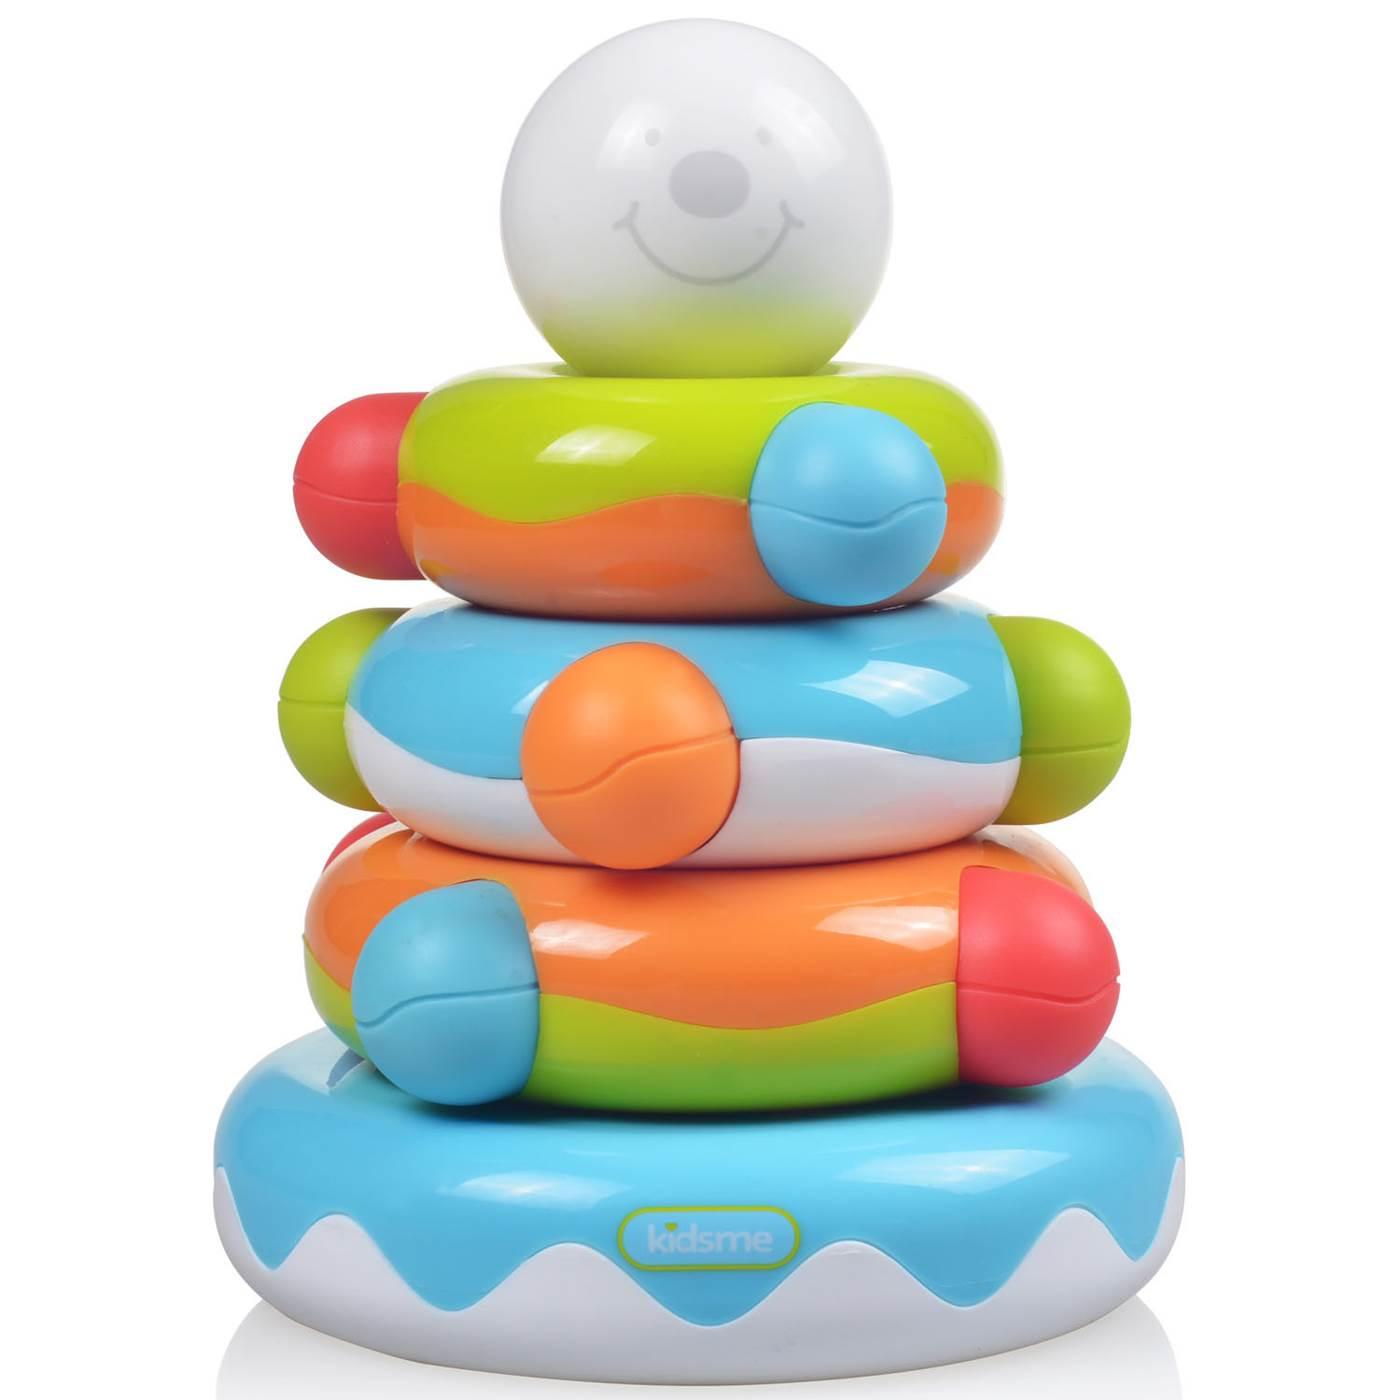 Kidsme Rotaļu piramīda 6m+ 4893014872796 bērnu rotaļlieta